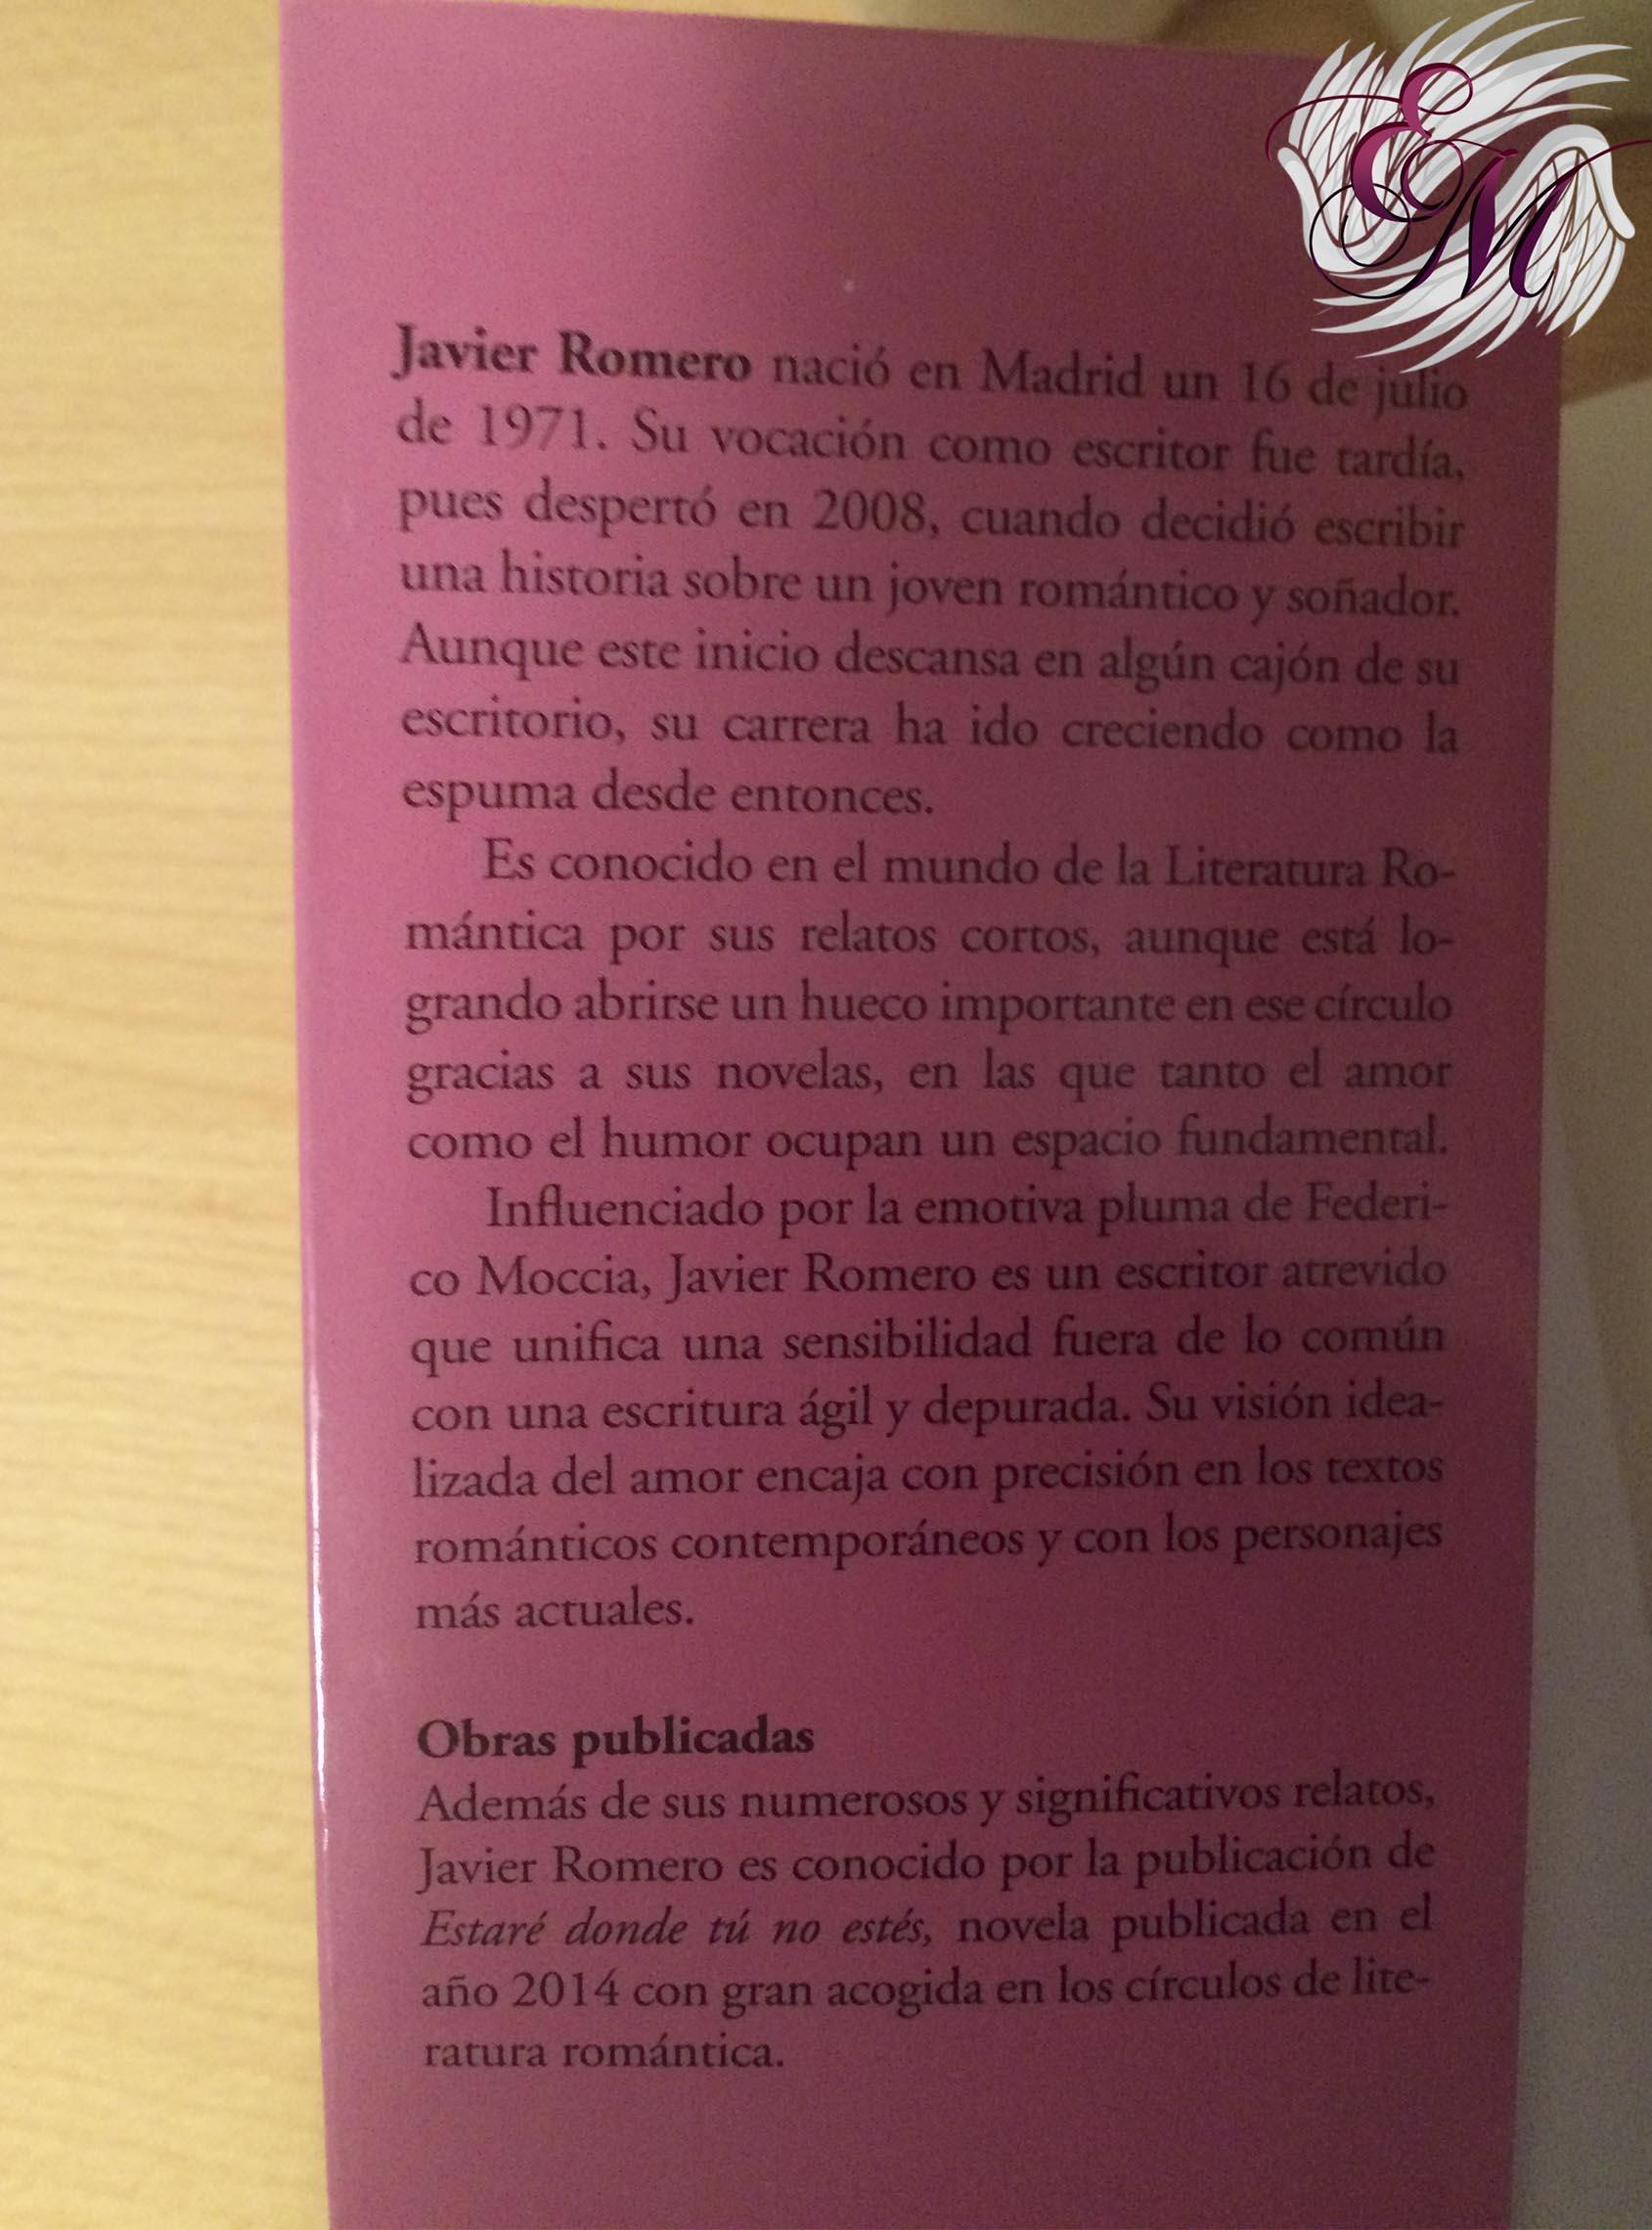 Ódiame y yo también te querré, de Javier Romero - Reseña